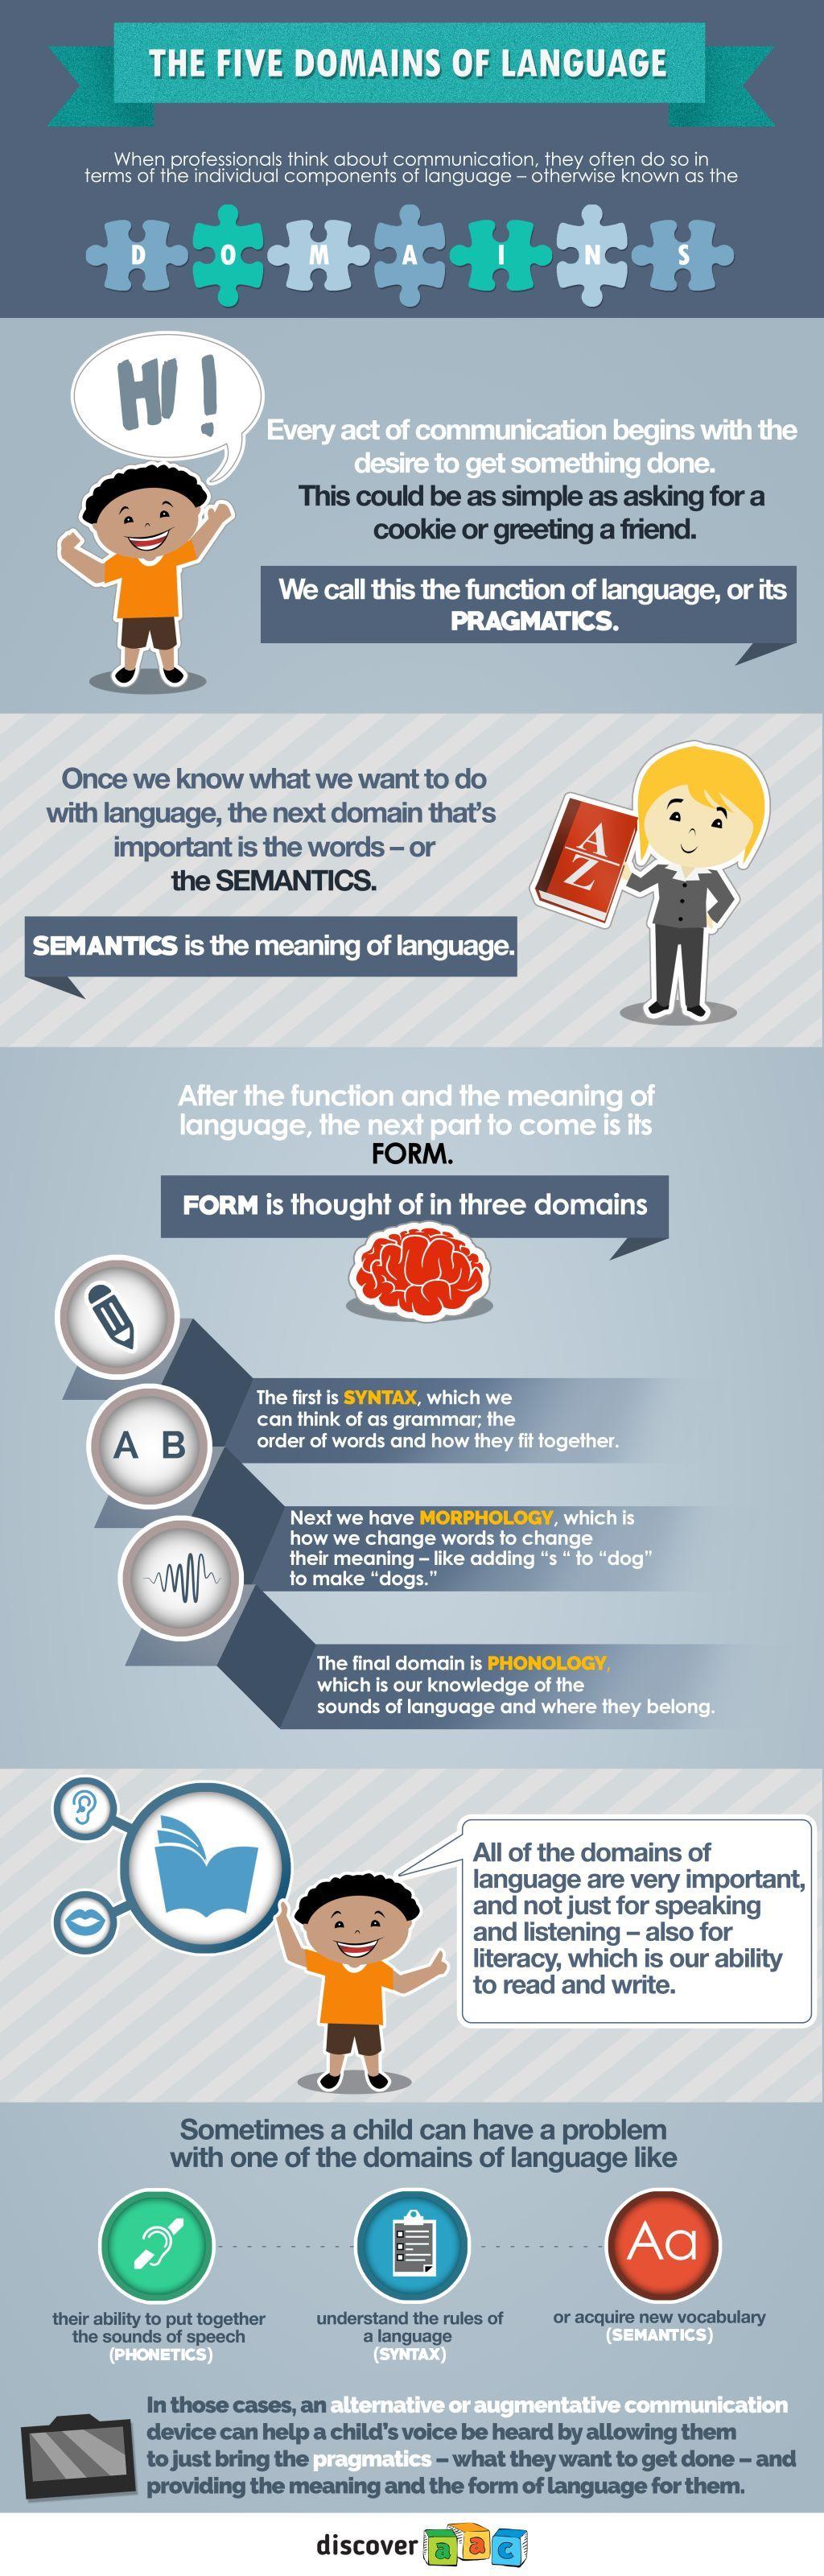 5 domains of language explained